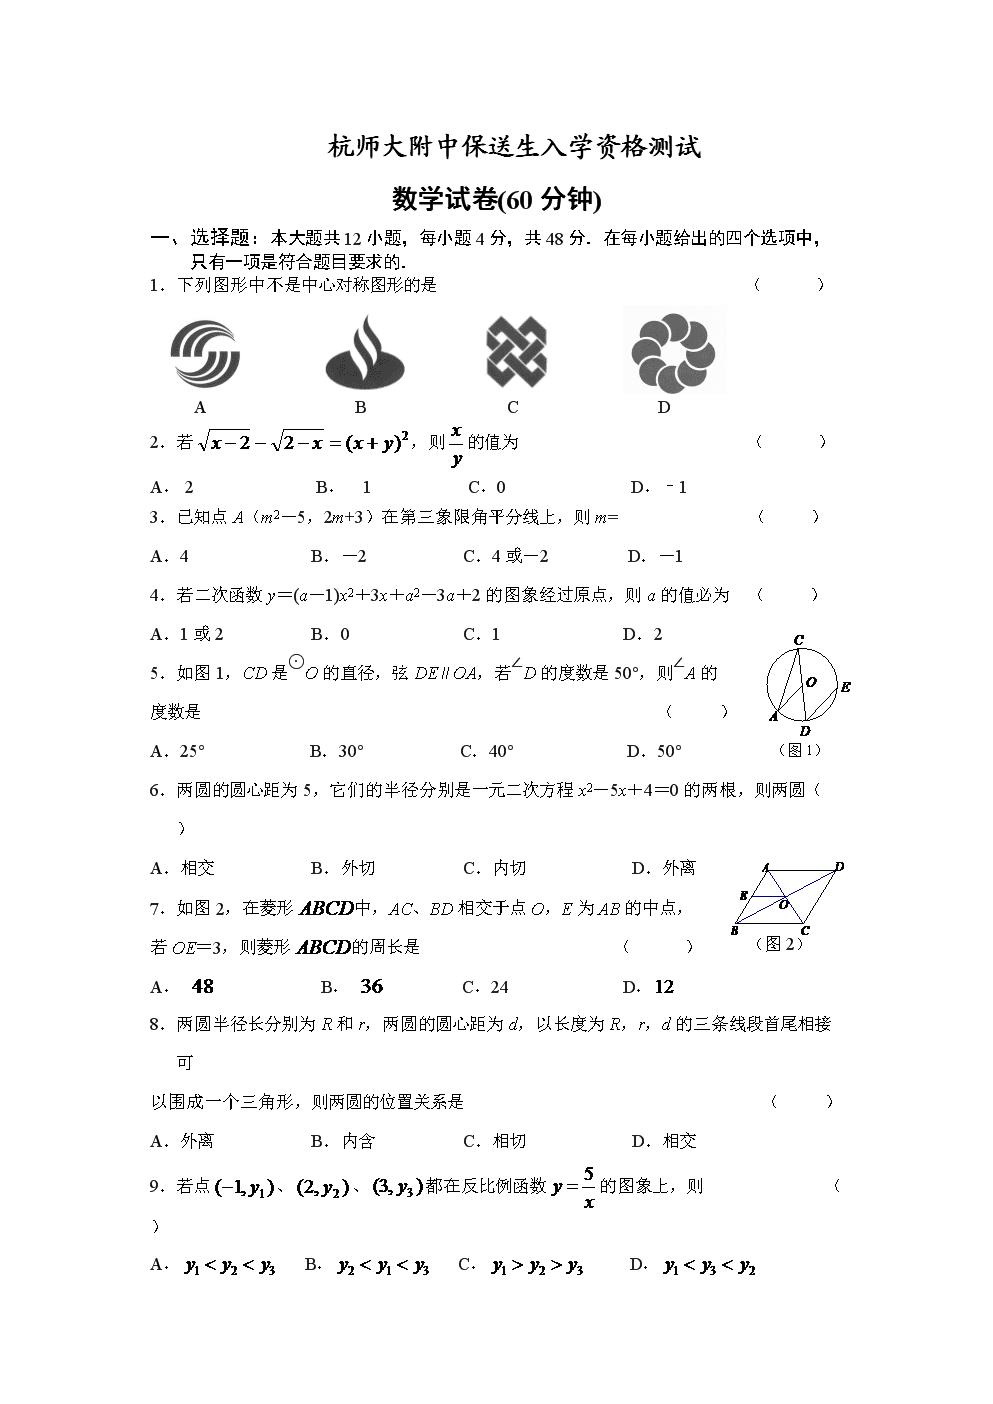 杭师大附中保送生入学资格测试数学试卷.doc